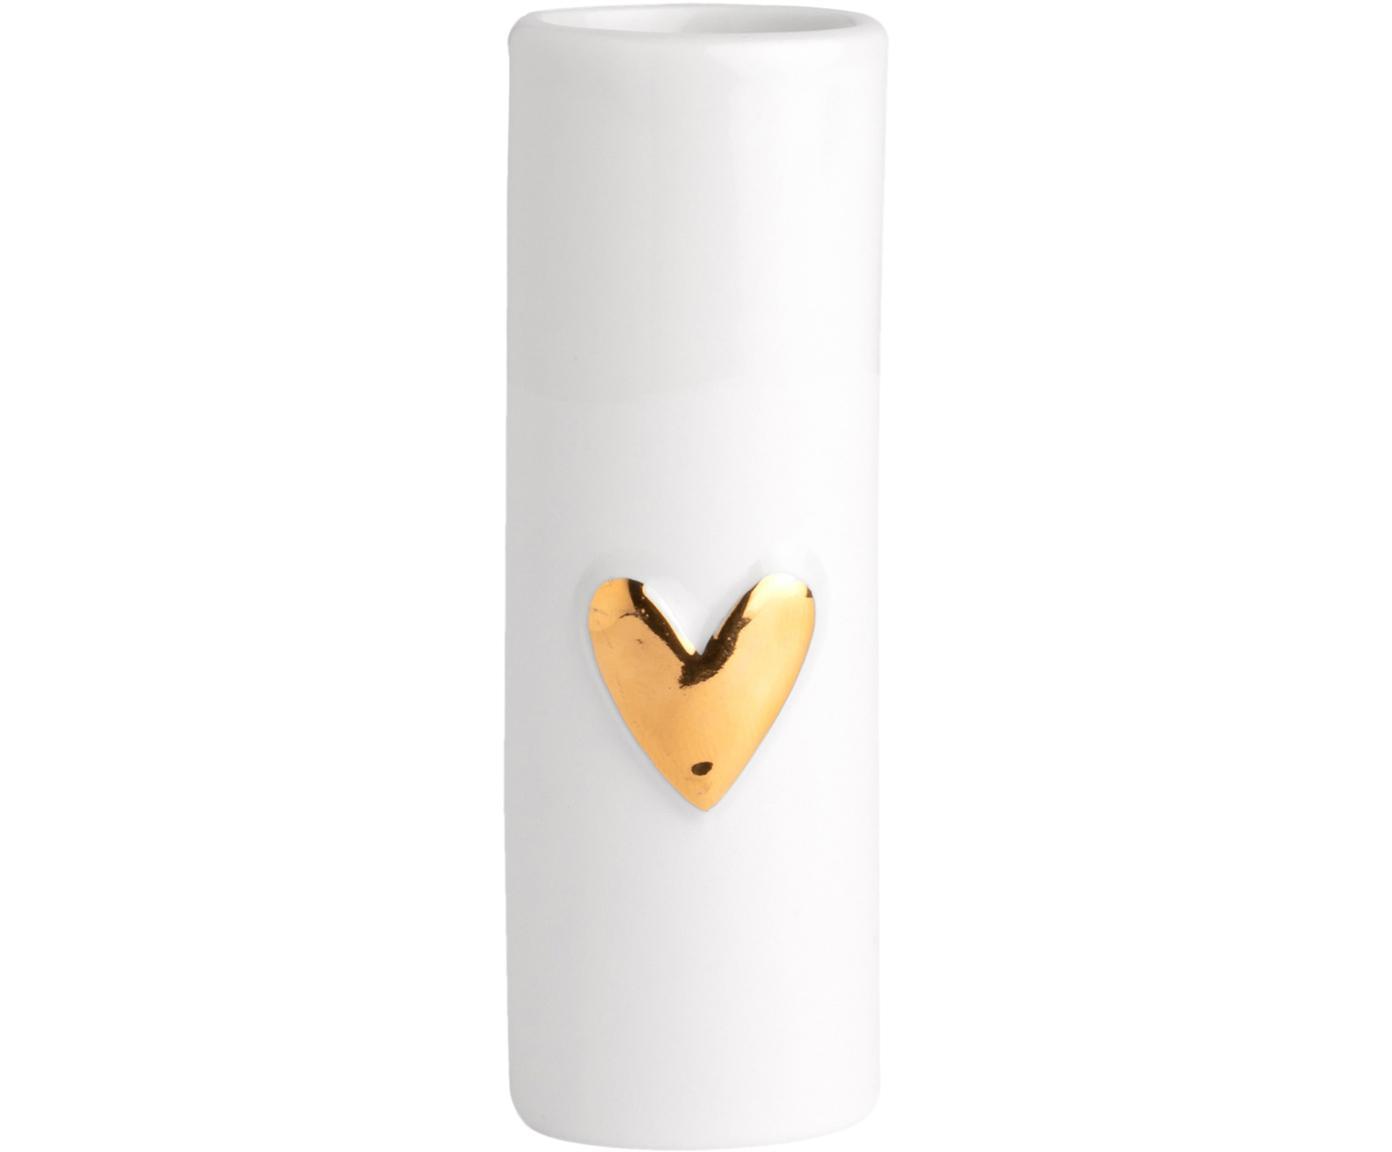 Kleine vazen Heart, porselein, 2 stuks, Porselein, Wit, goudkleurig, Ø 4 x H 9 cm